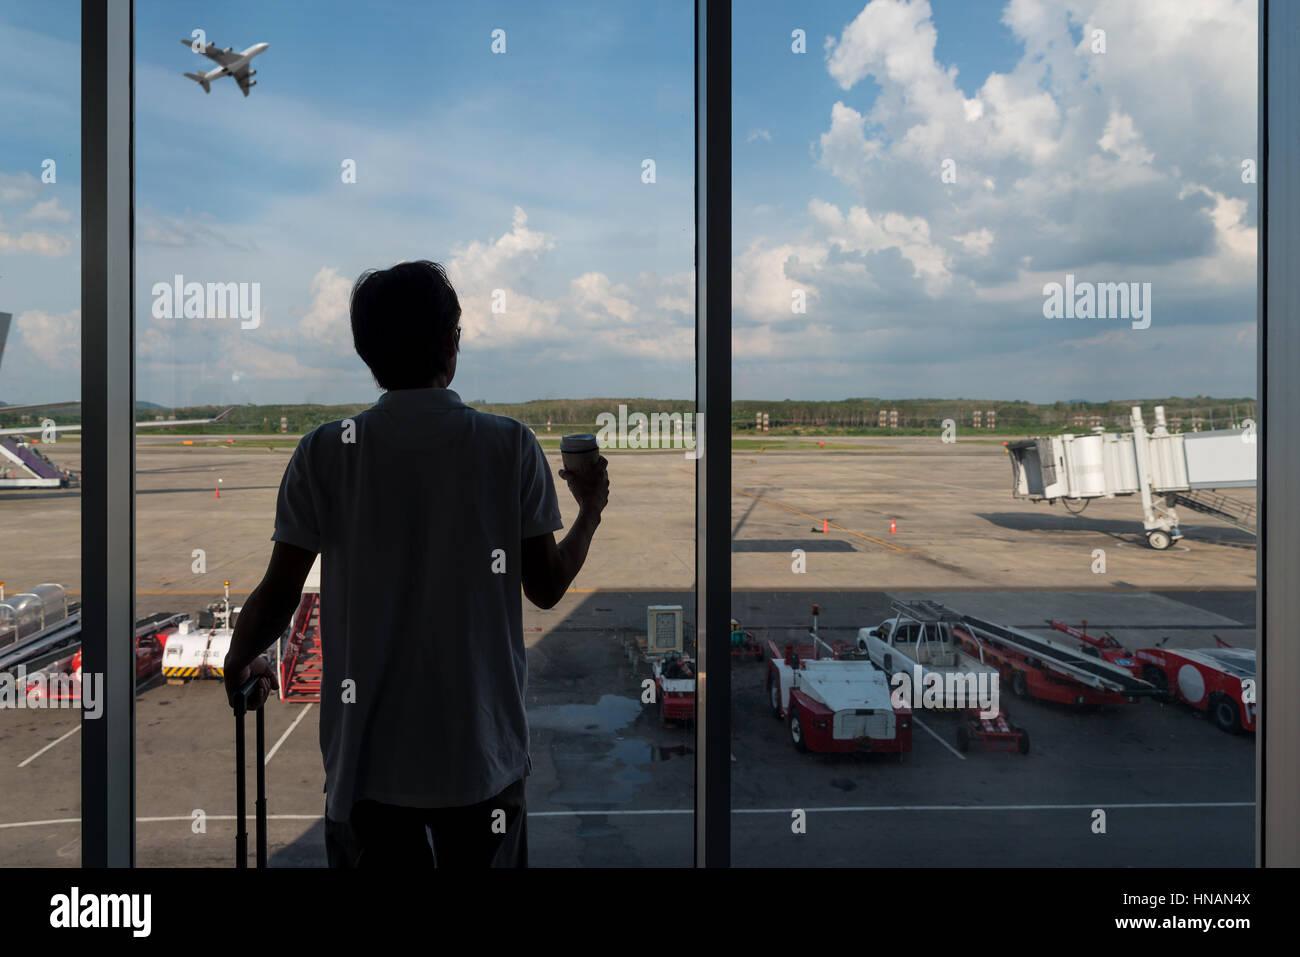 Reverso de viajero boy en termainal en el aeropuerto mirando el avión volando por encima de aeropuerto, viajes Imagen De Stock